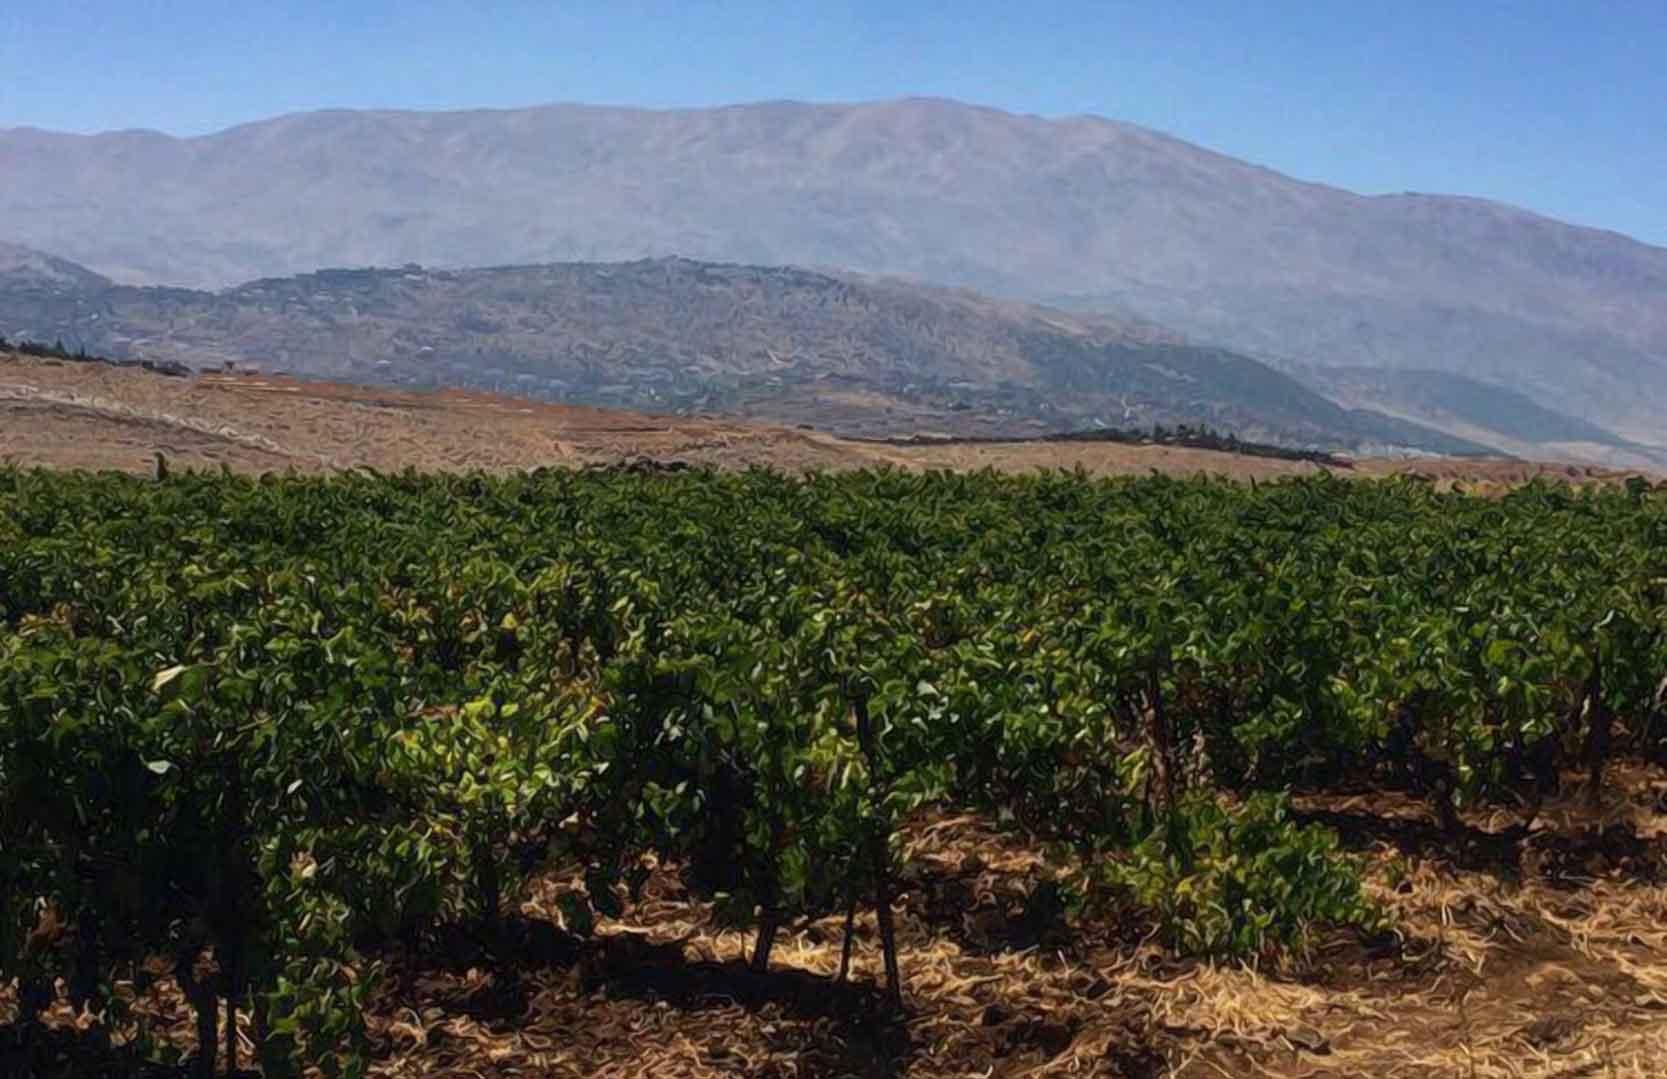 Weinfelder in der Bekaa Ebene des Libanons